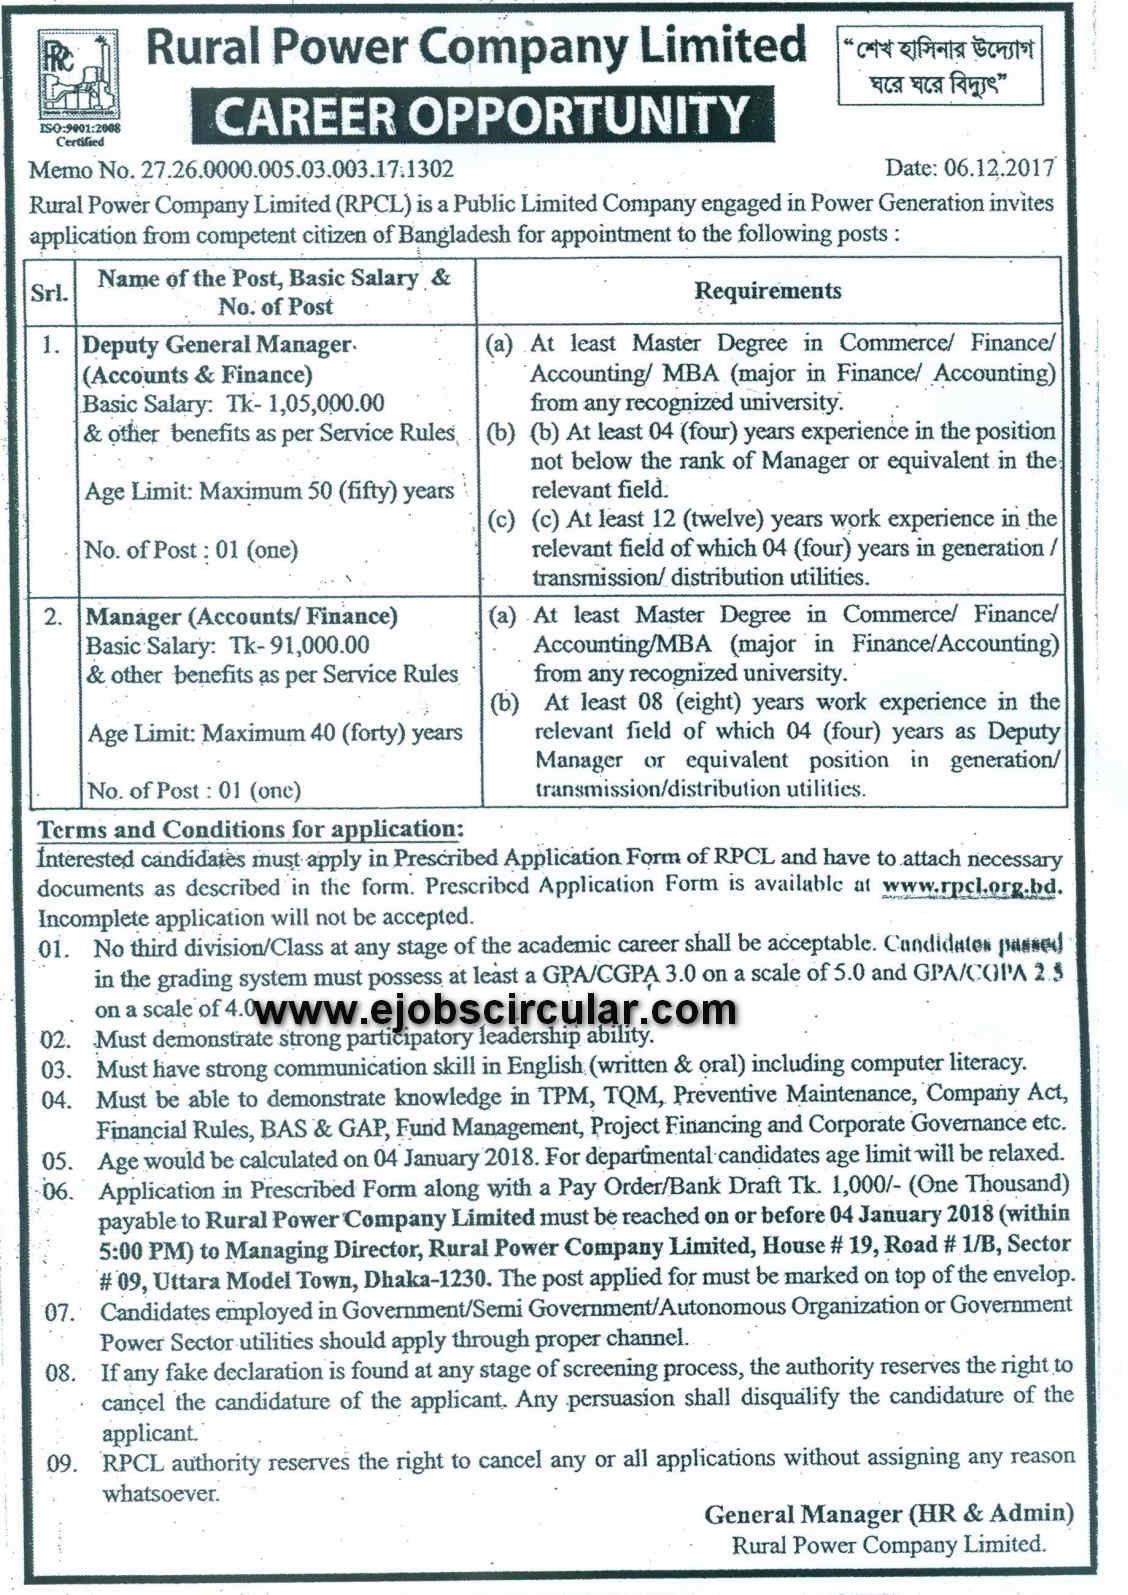 BPCL Job Circular